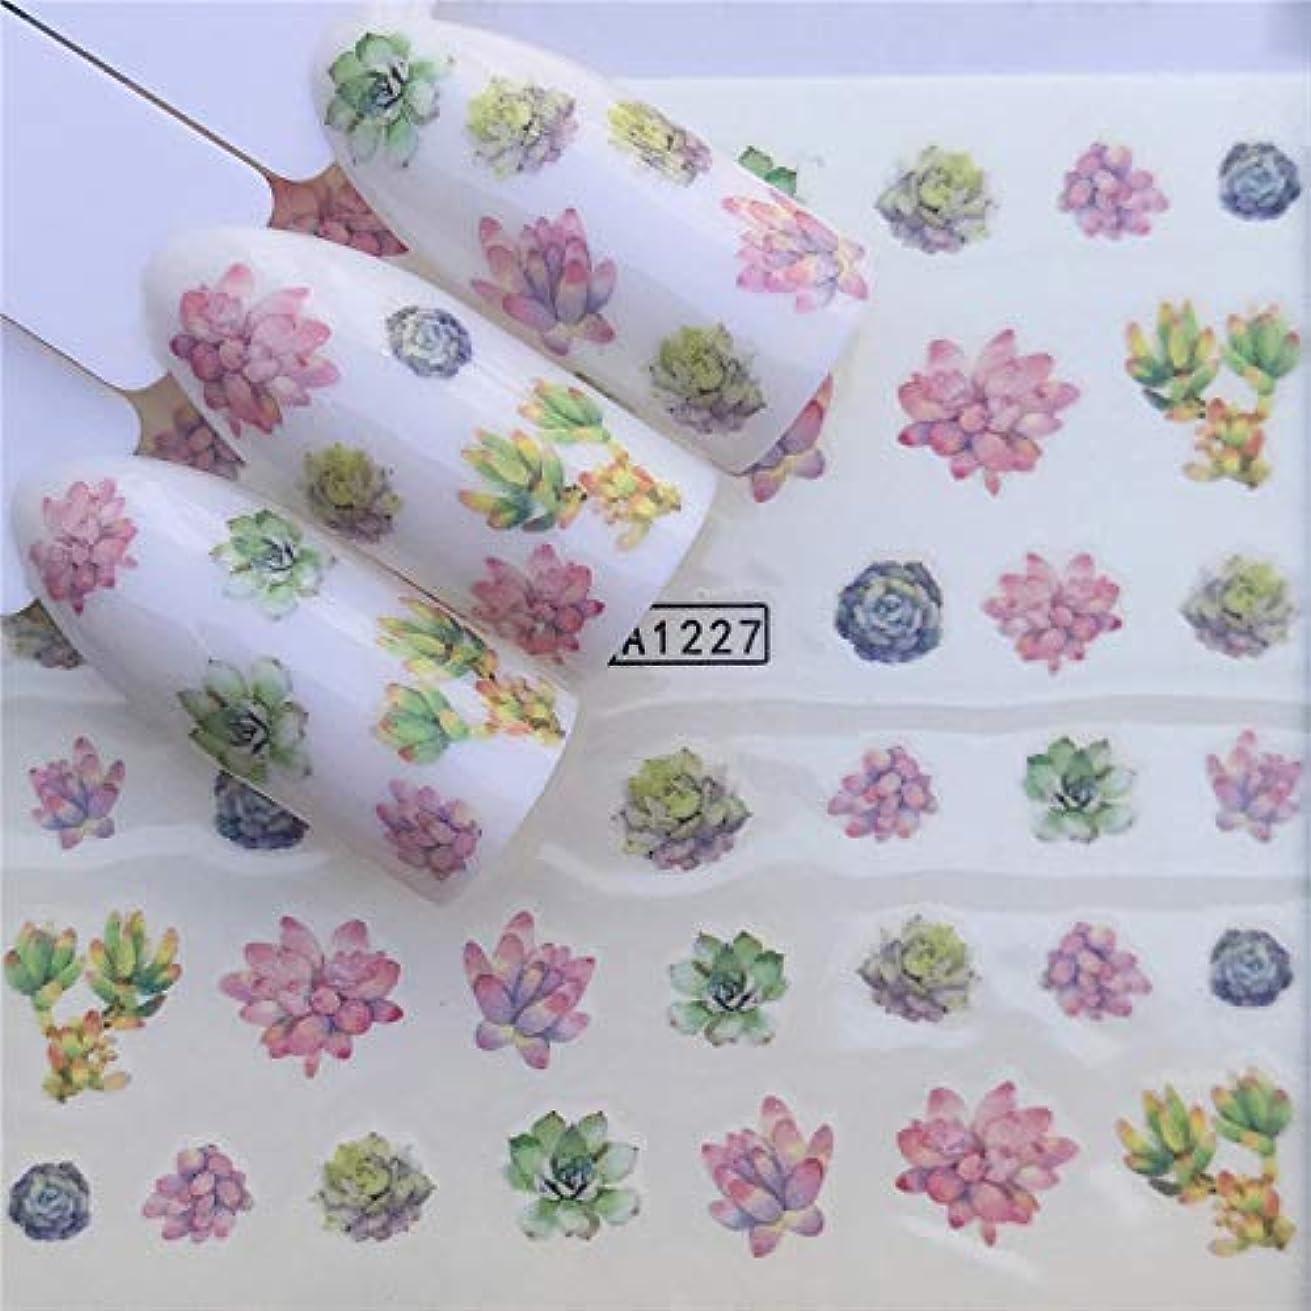 Yan 3個ネイルステッカーセットデカール水転写スライダーネイルアートデコレーション、色:YZWA 1227